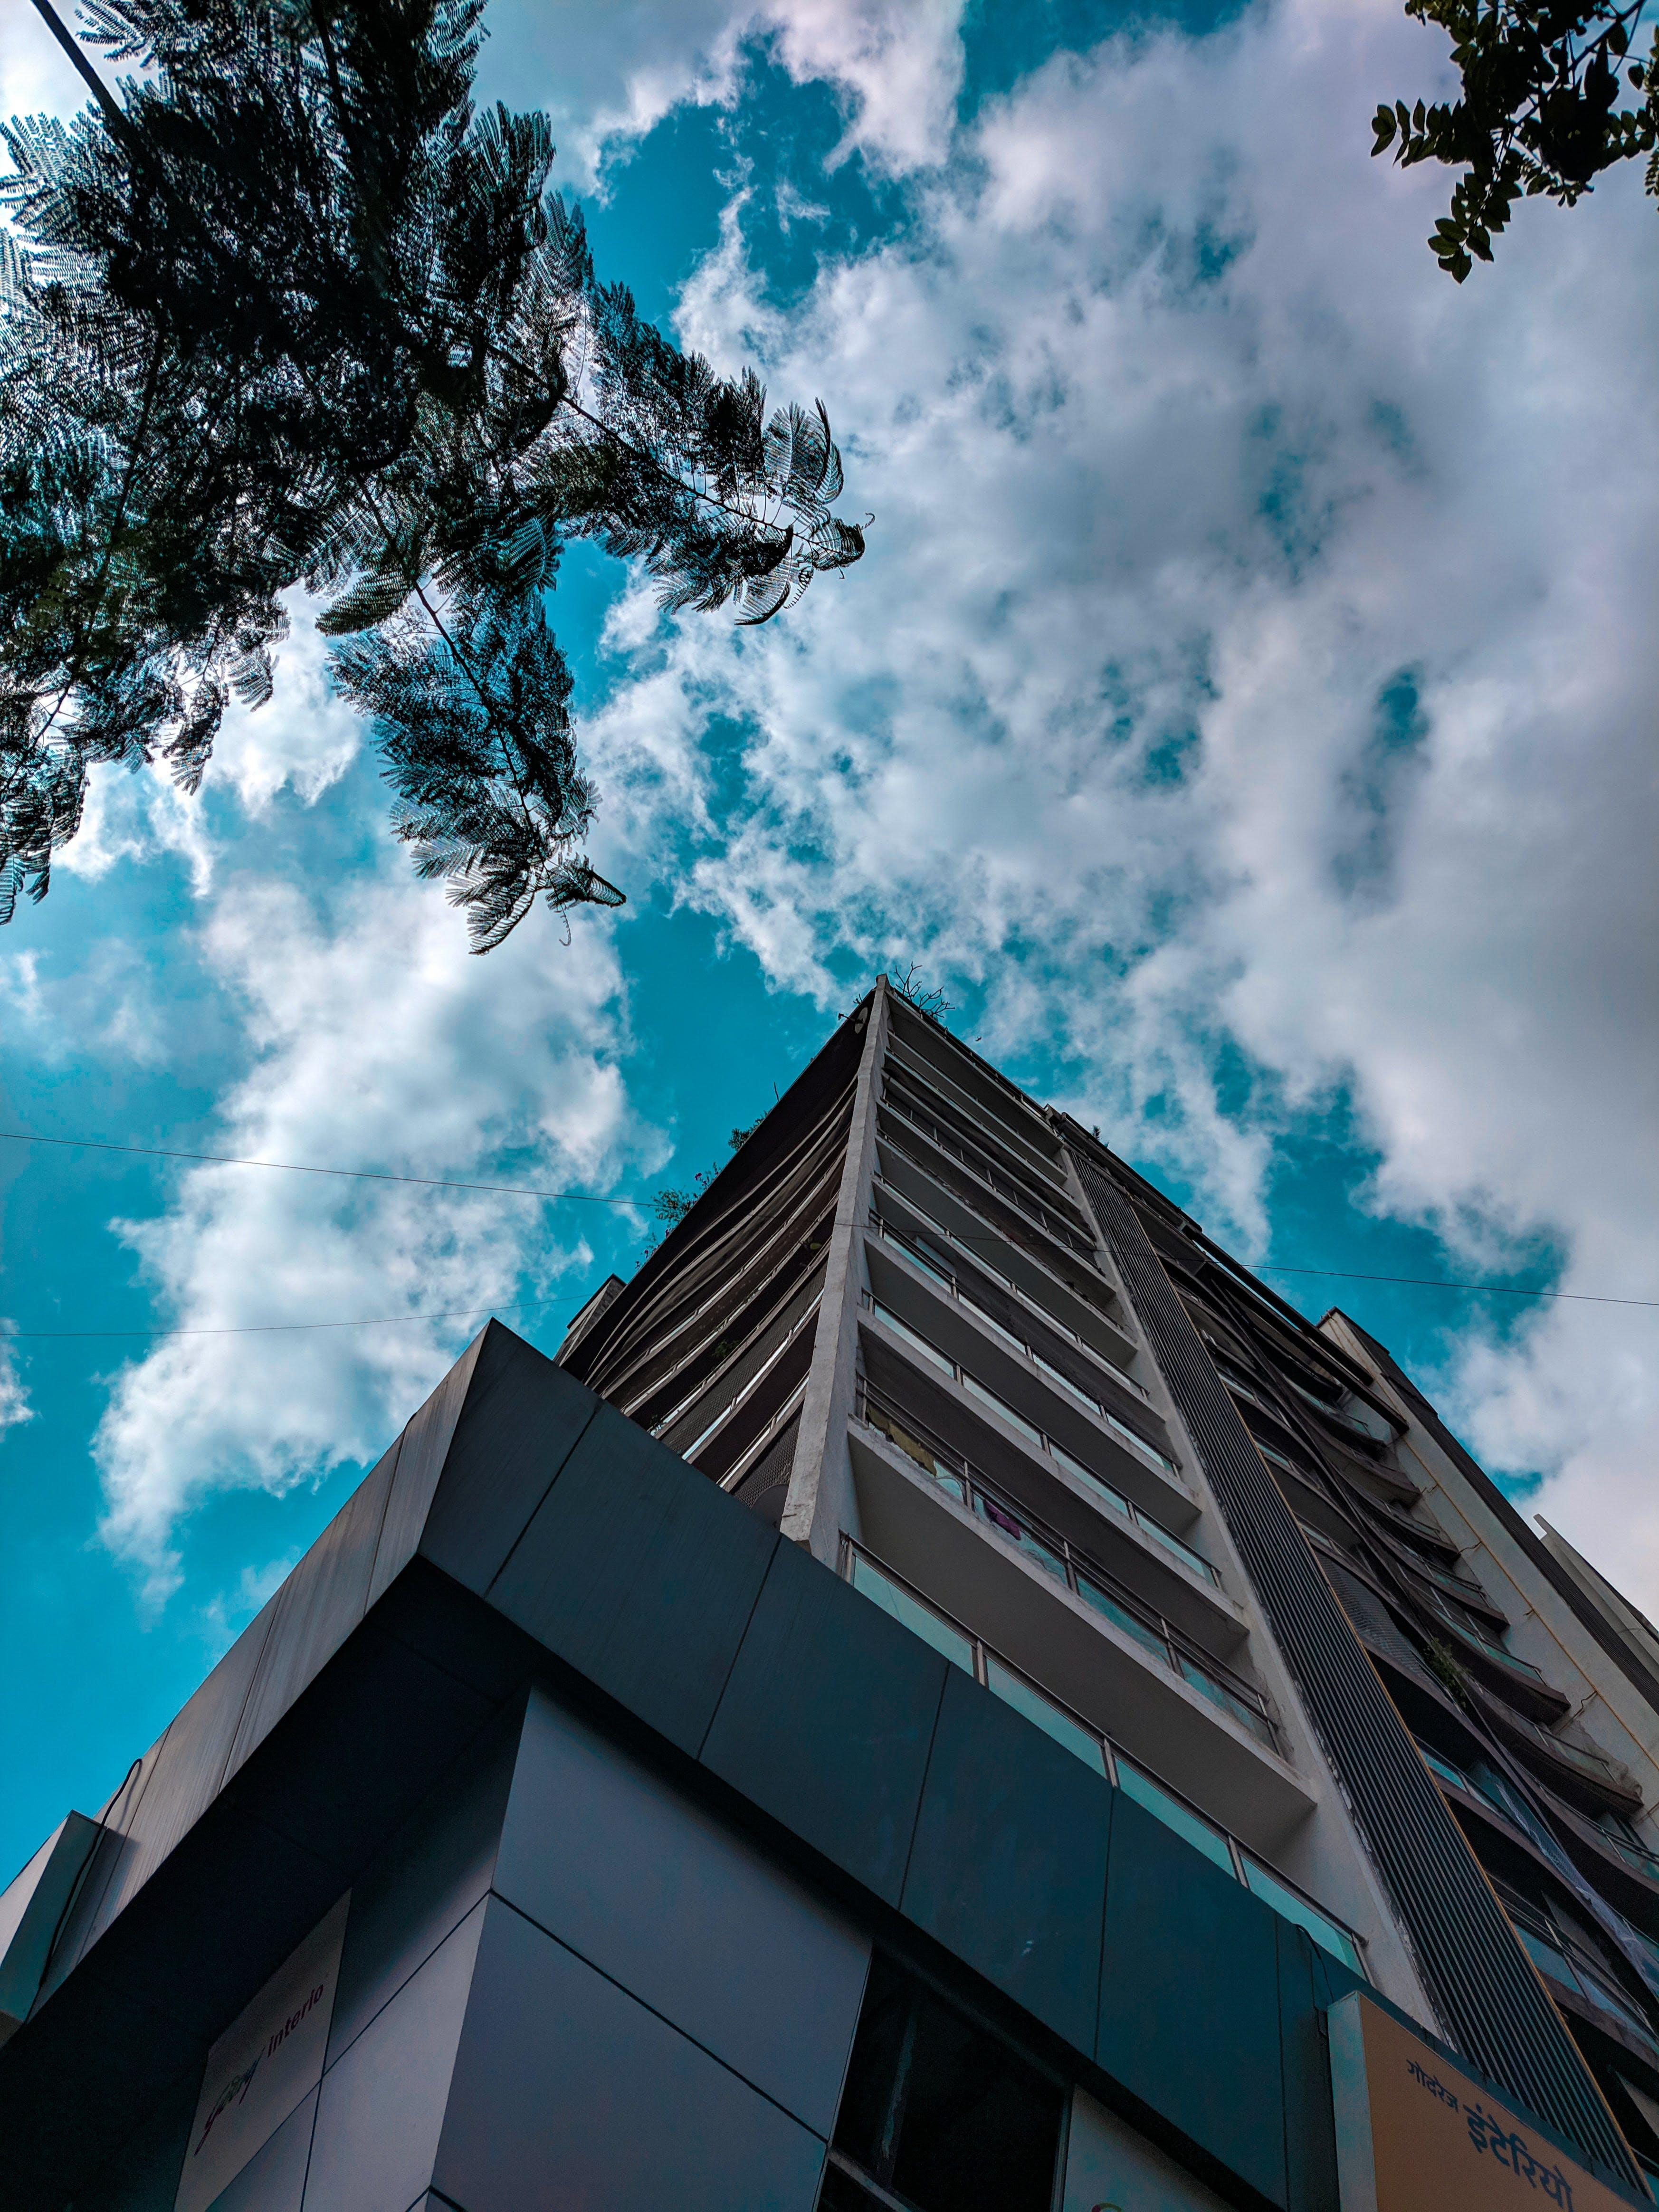 Gratis stockfoto met appartementencomplex, architectueel design, blauw, minimaal